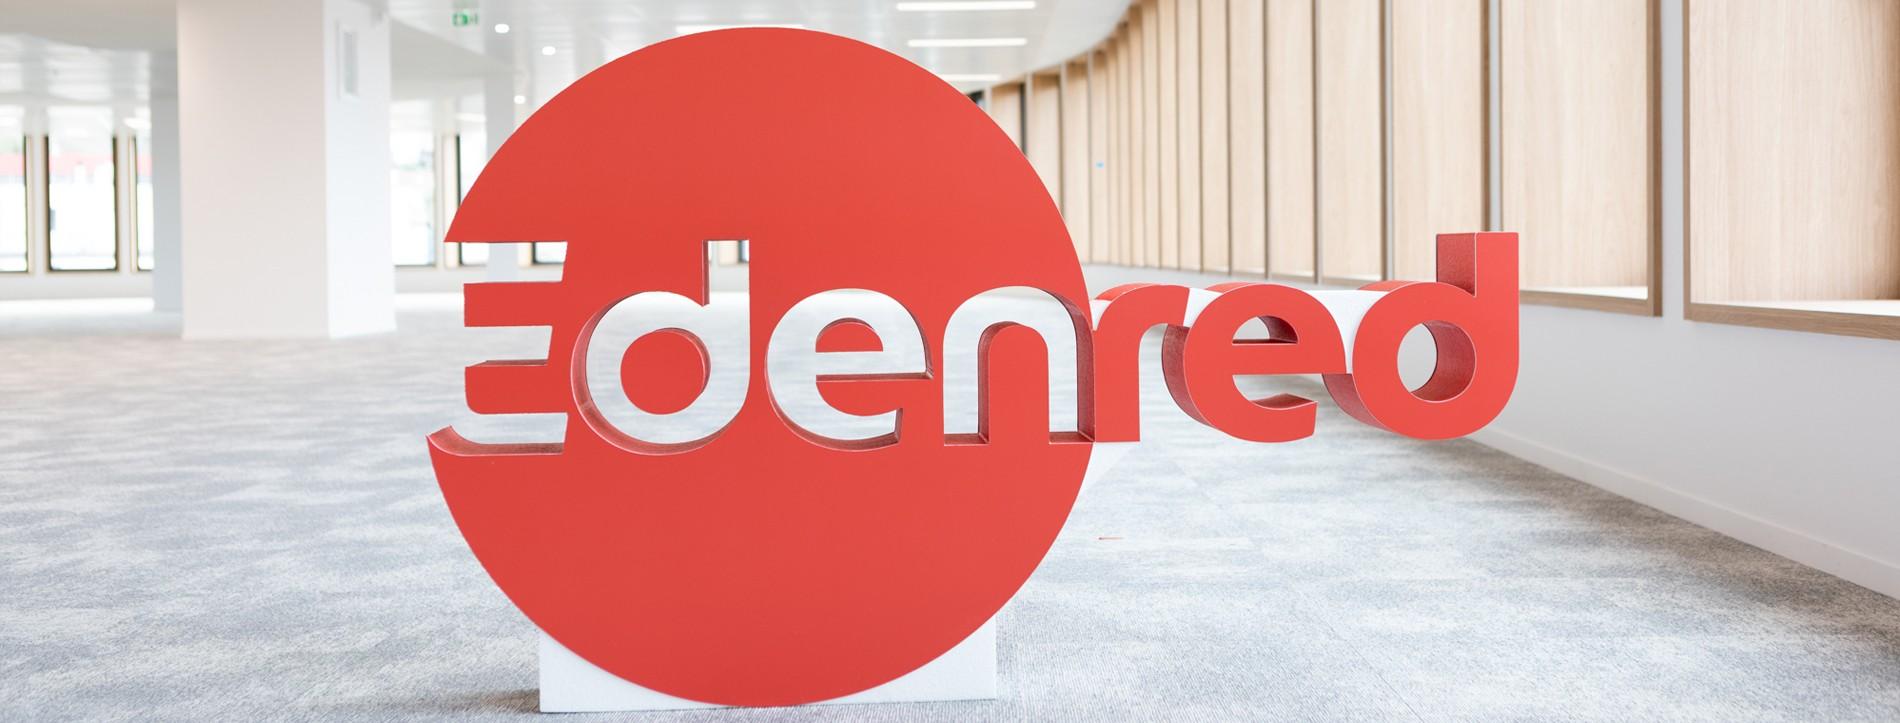 Edenred logo polystyrène avec impression numérique + peinture H 90cm x L 150cm ep 15cm